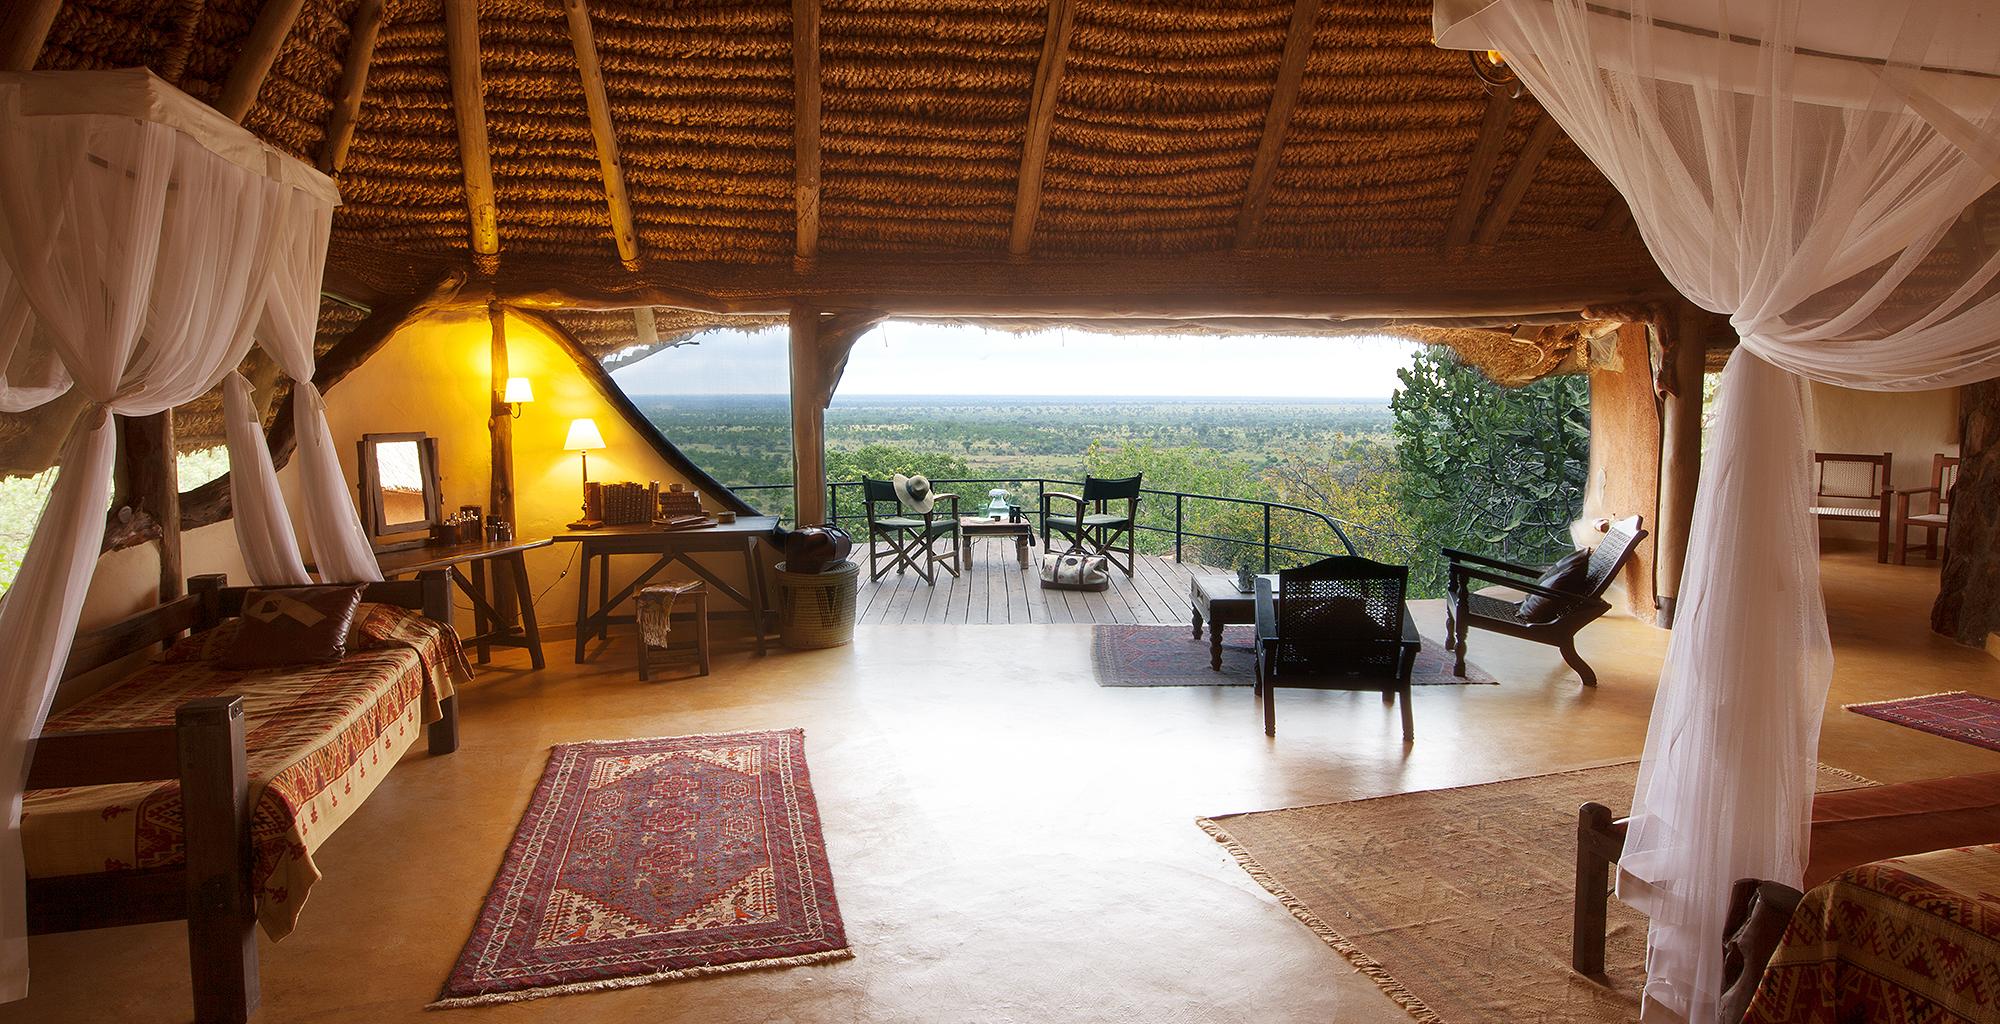 Kenya-Elsa's-Kopje-Camp-Bedroom